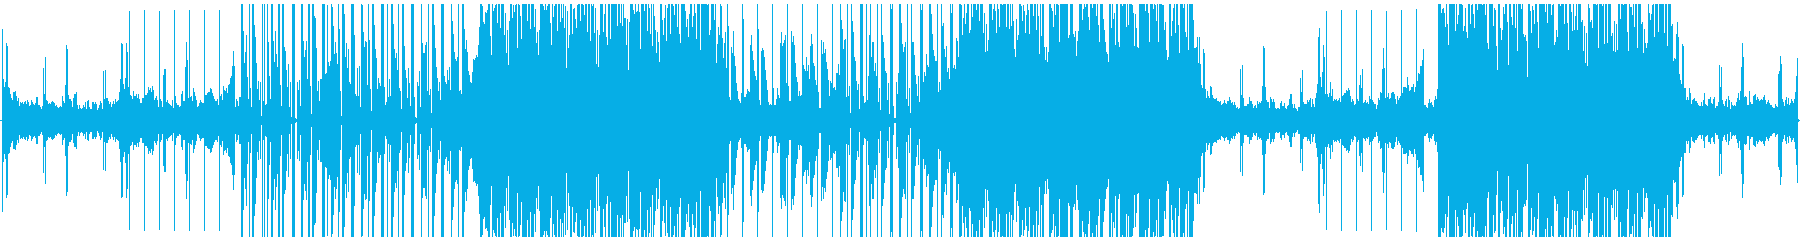 おしゃれな雰囲気のエレクトロの再生済みの波形